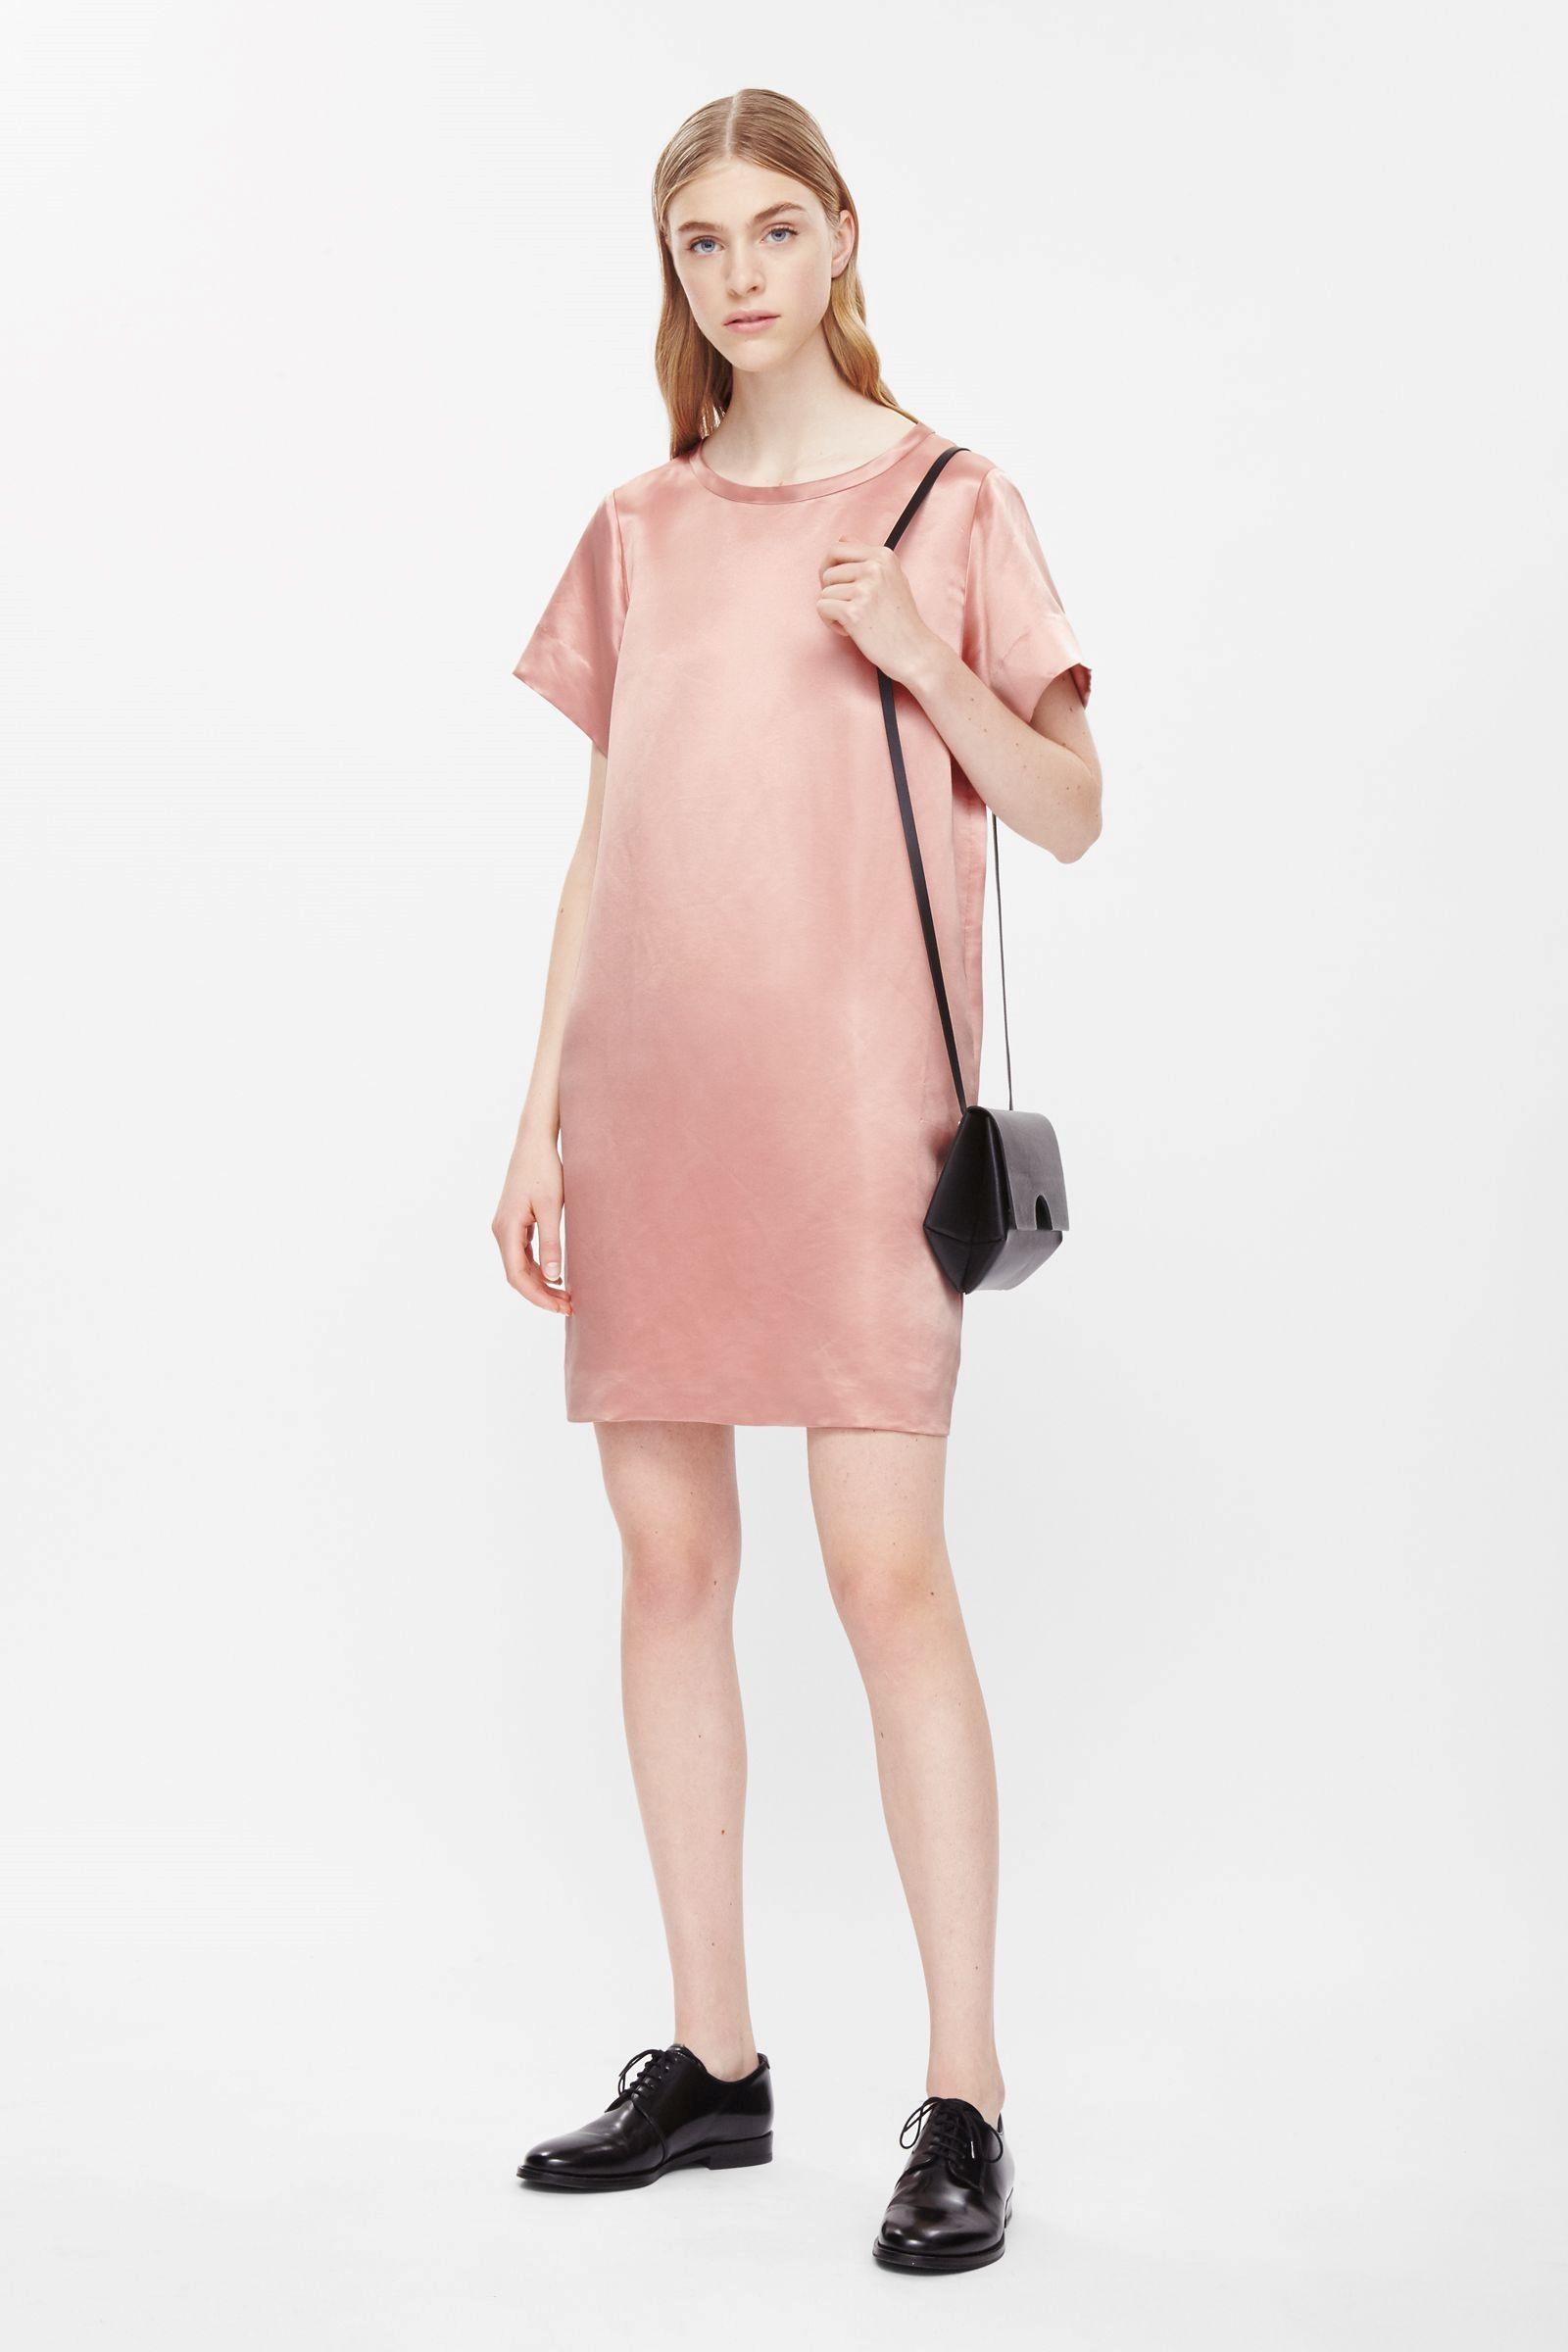 15 Großartig Abendkleid Cos Spezialgebiet20 Fantastisch Abendkleid Cos für 2019